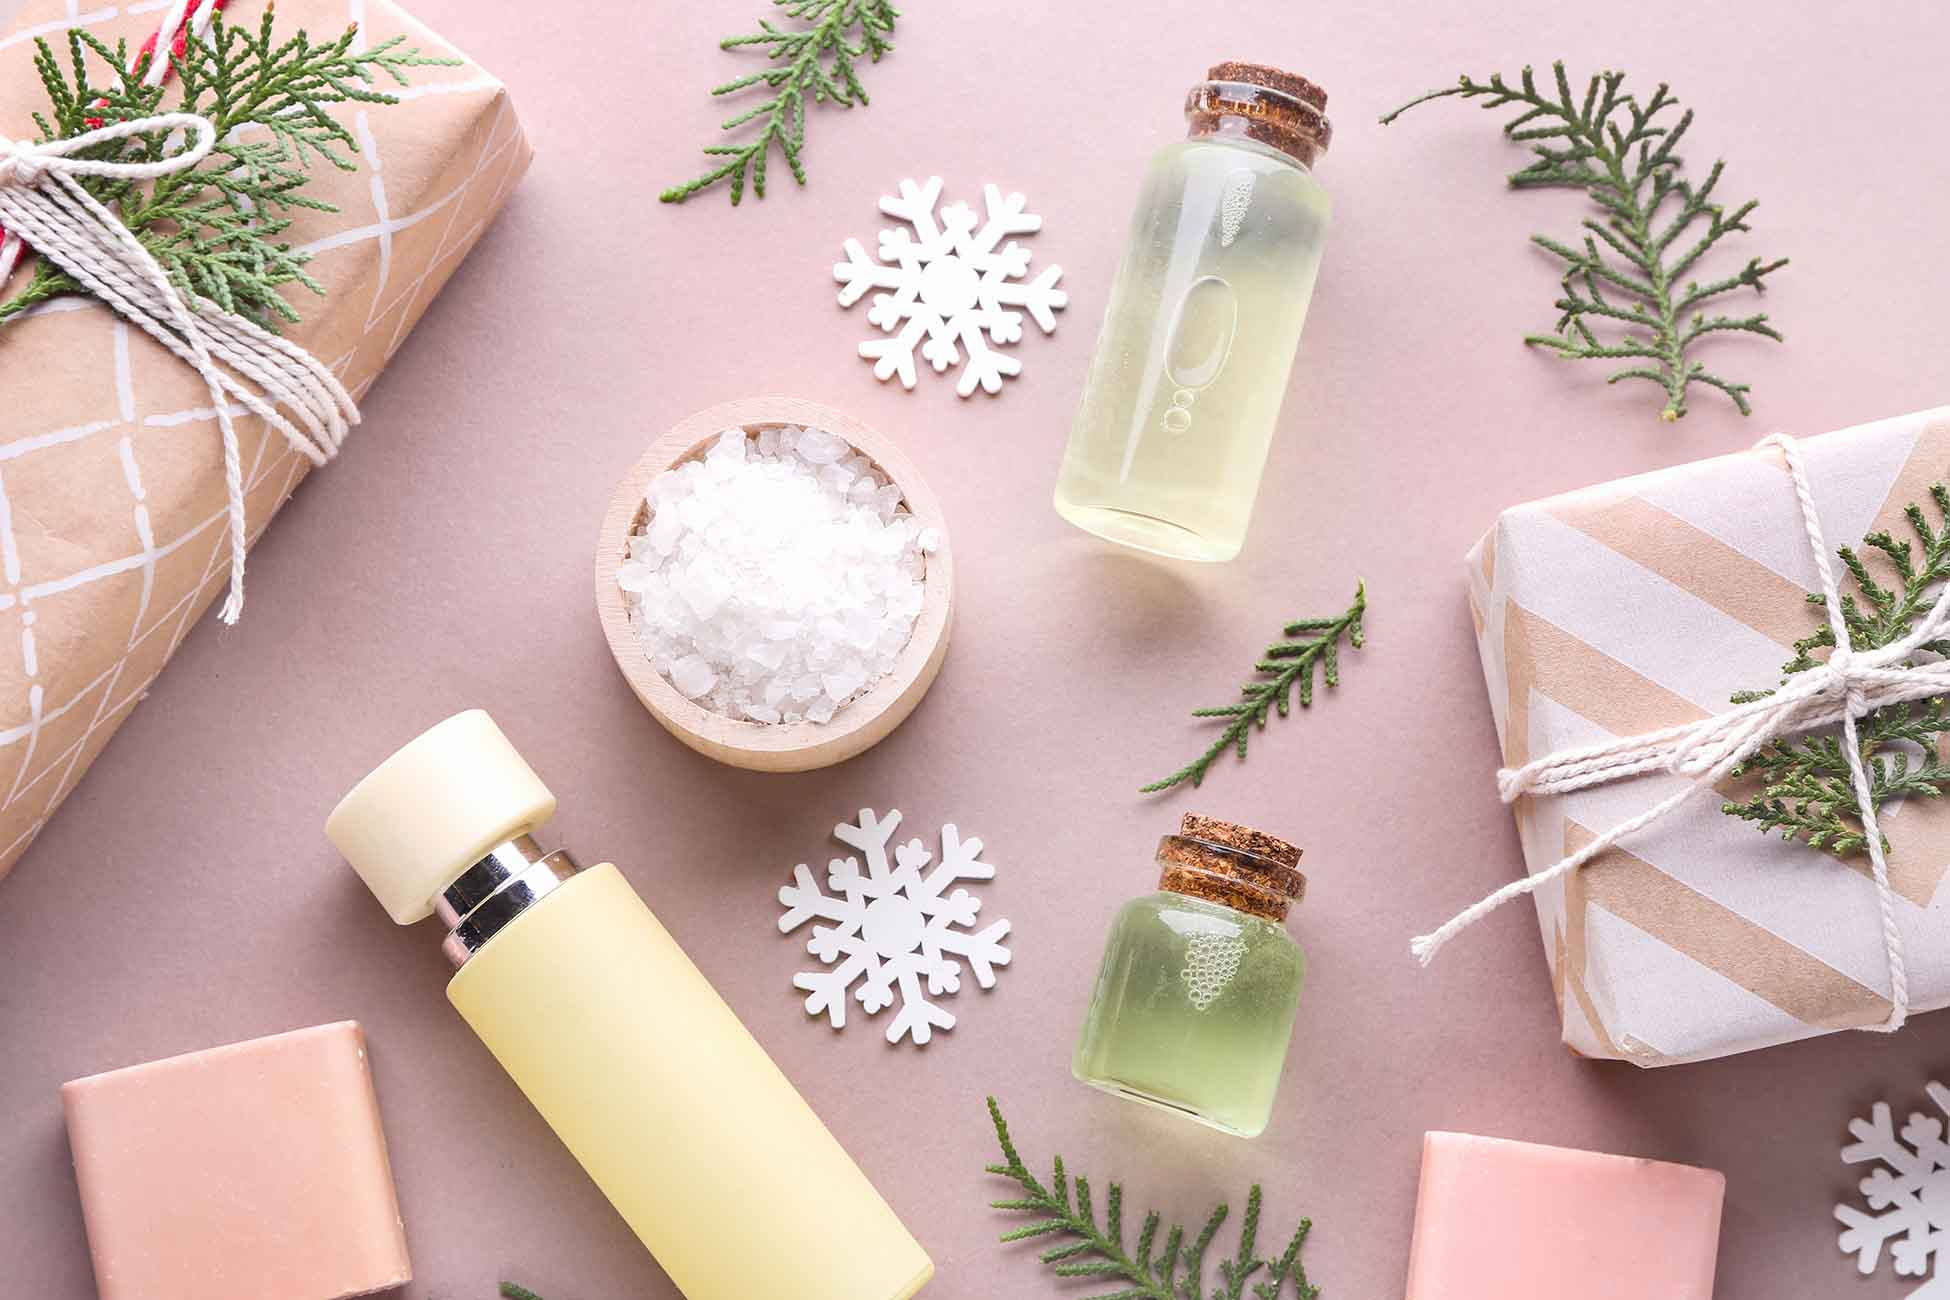 Cadeaux De Noel Diy 7 Belles Idees De Cadeaux Faits Main Pour Noel